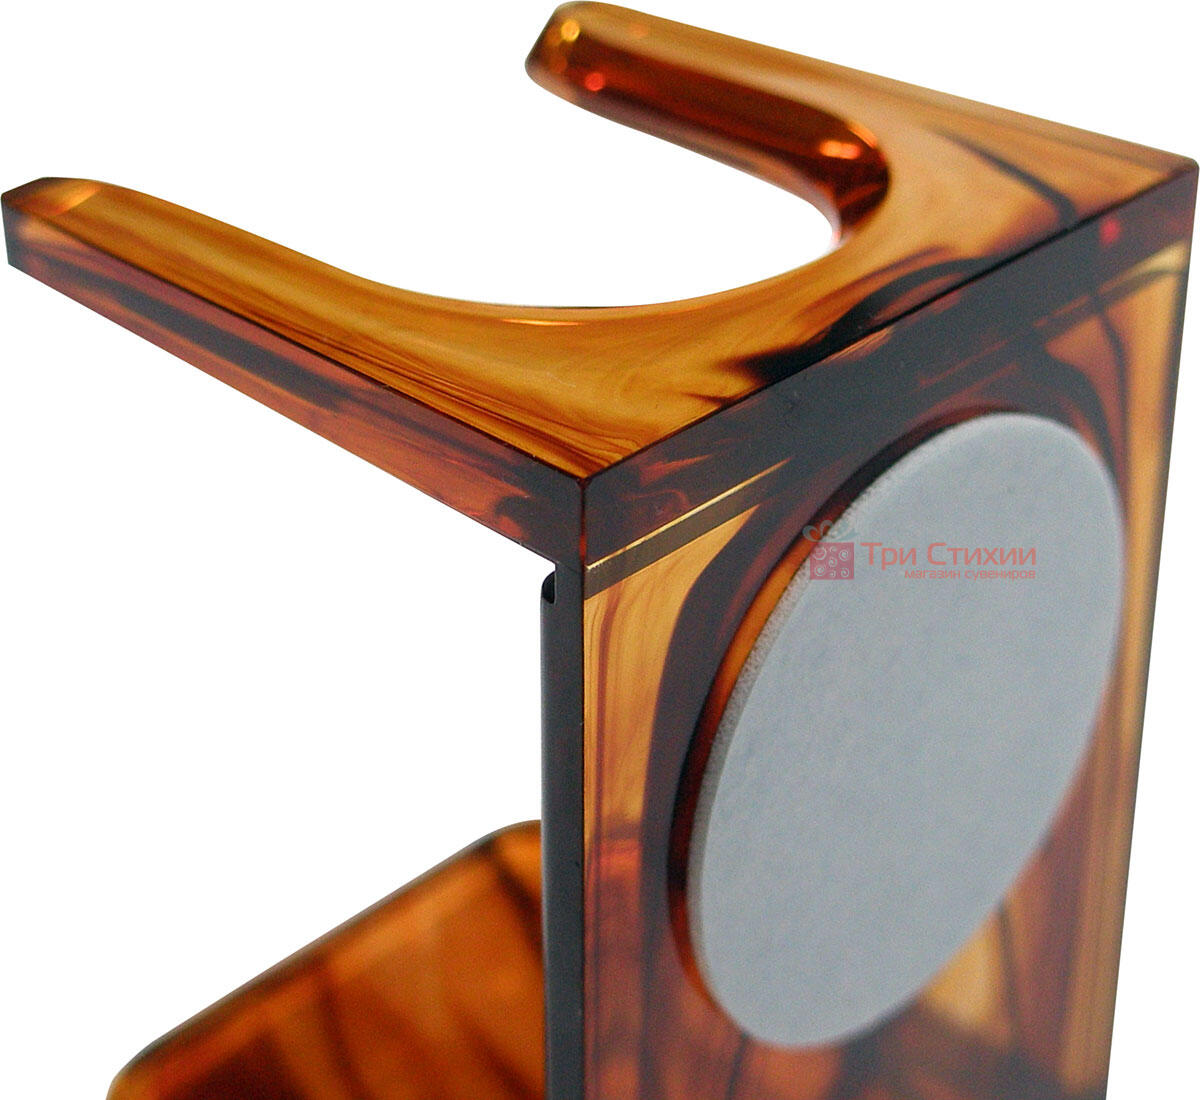 Помазок барсук на подставке Hans Baier 51181-1 Коричневый, фото 4